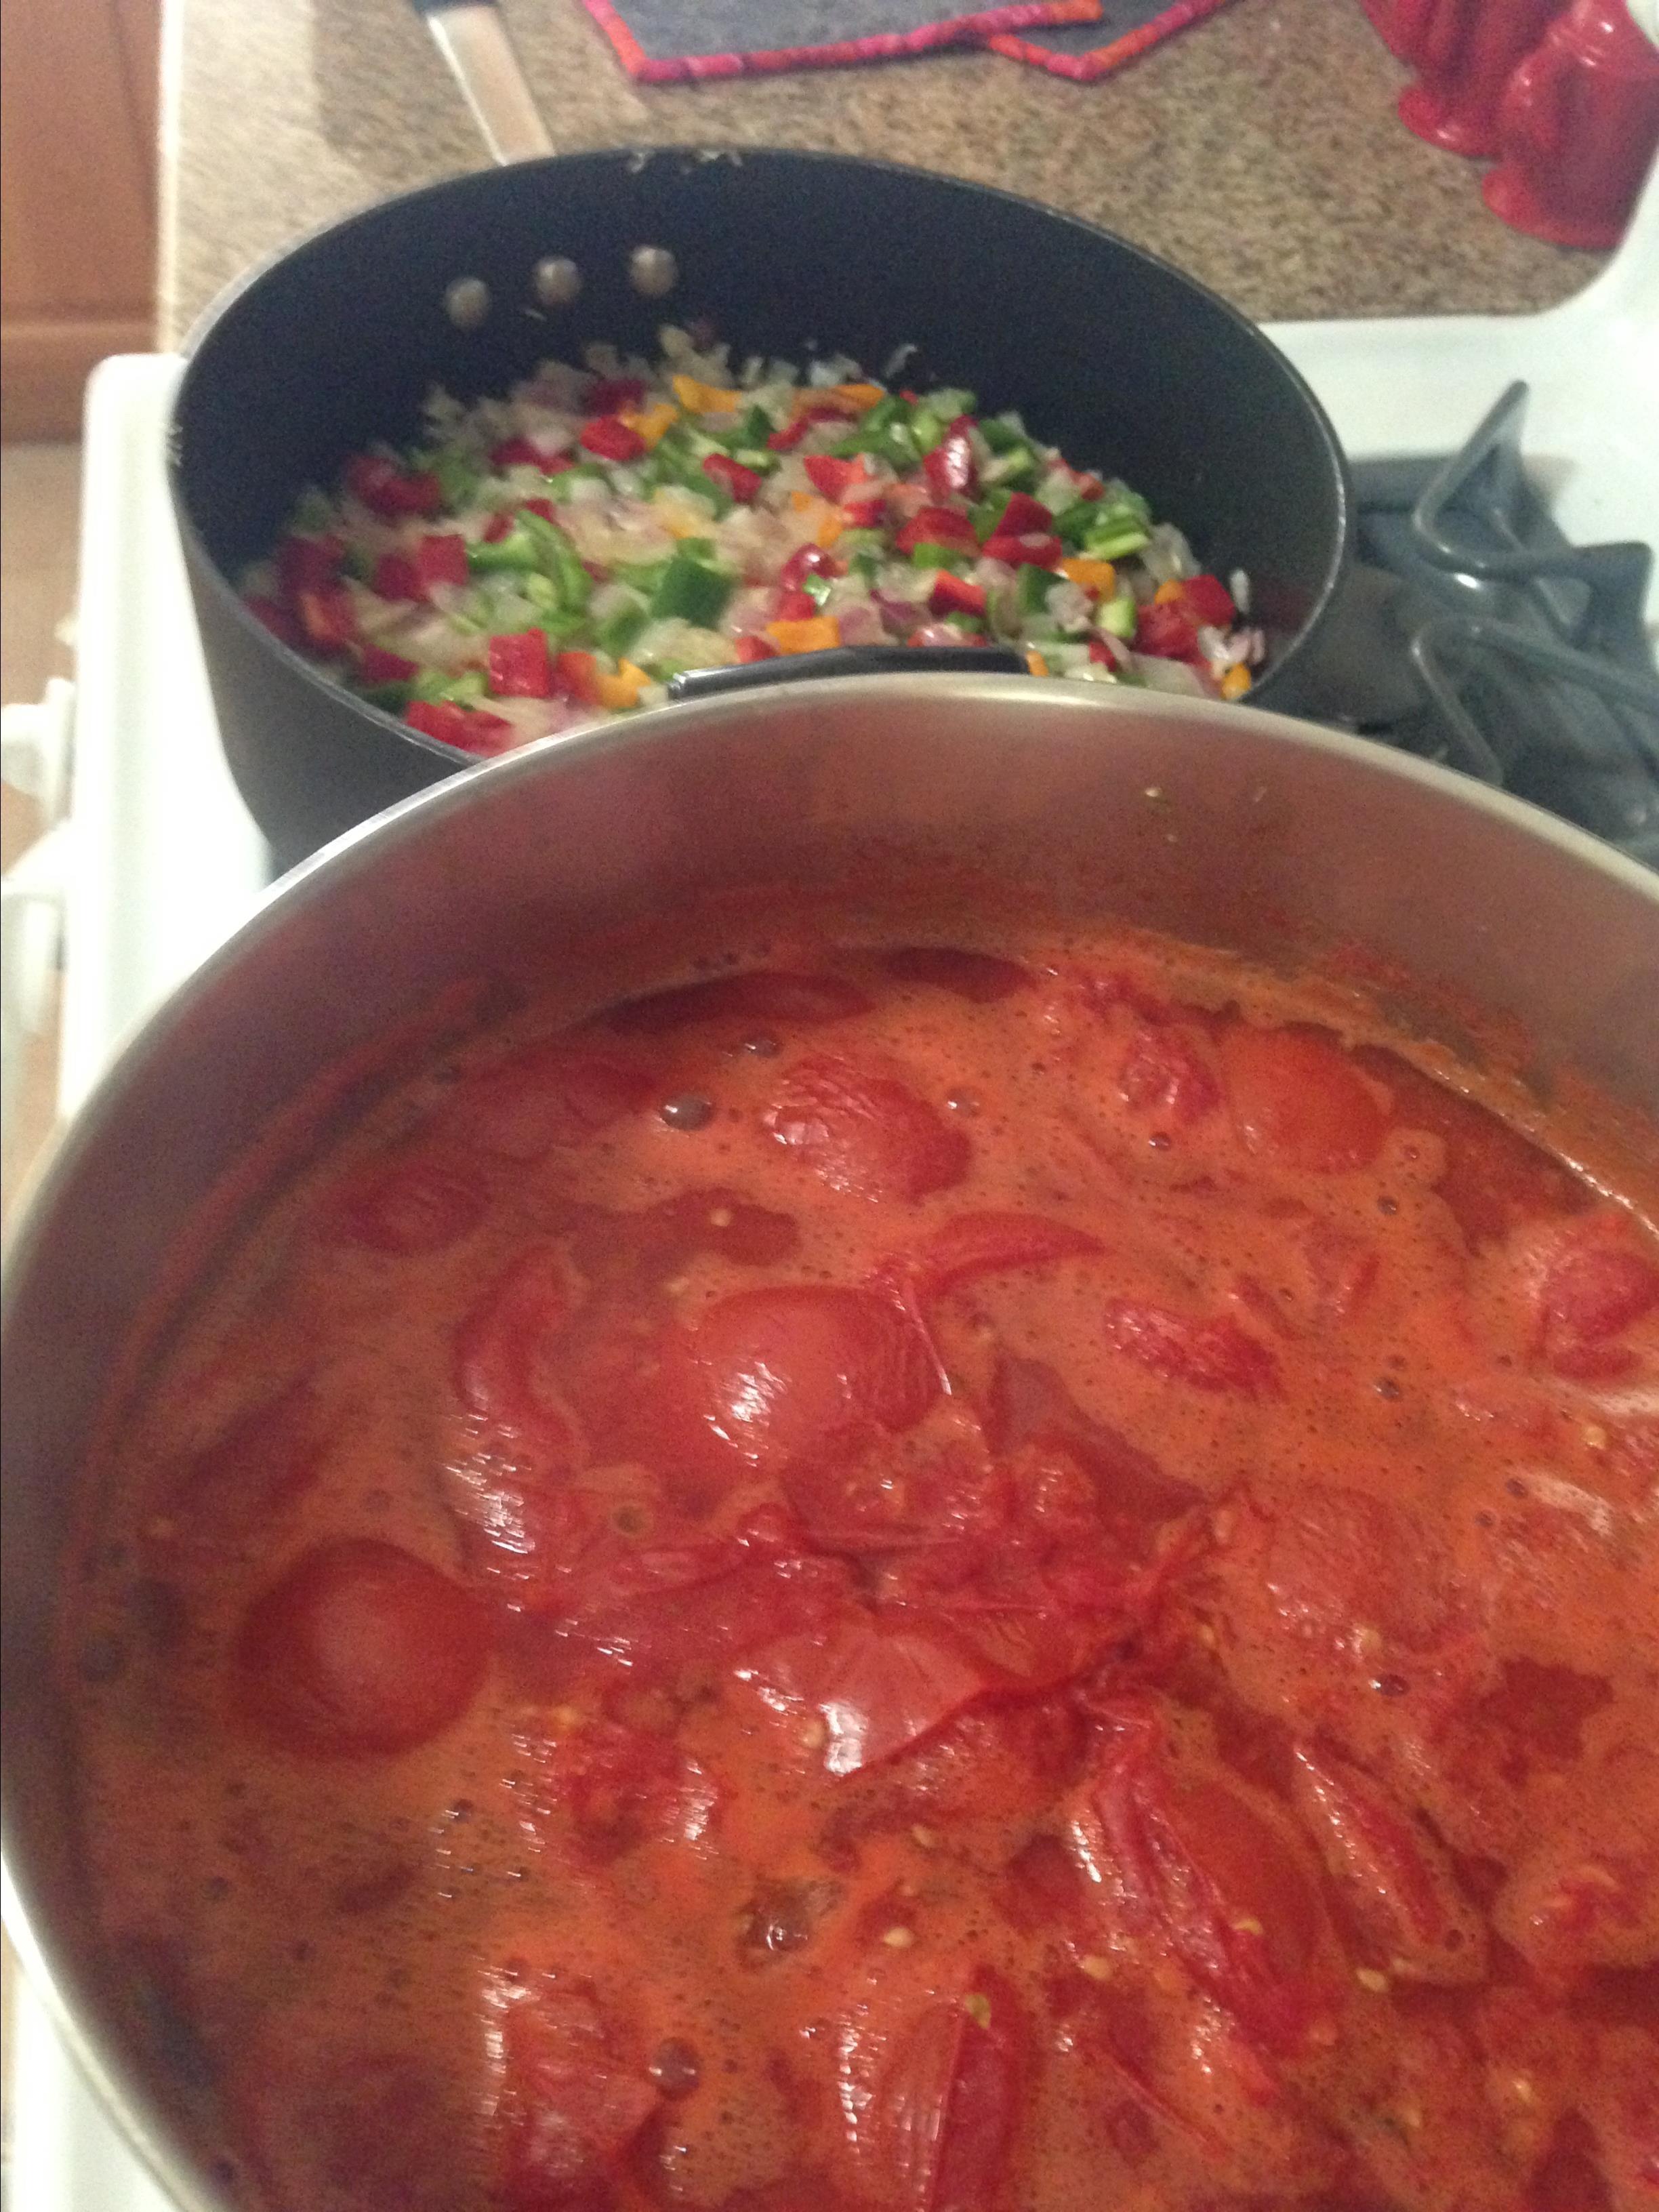 Tomato Harvest Marinara Sauce